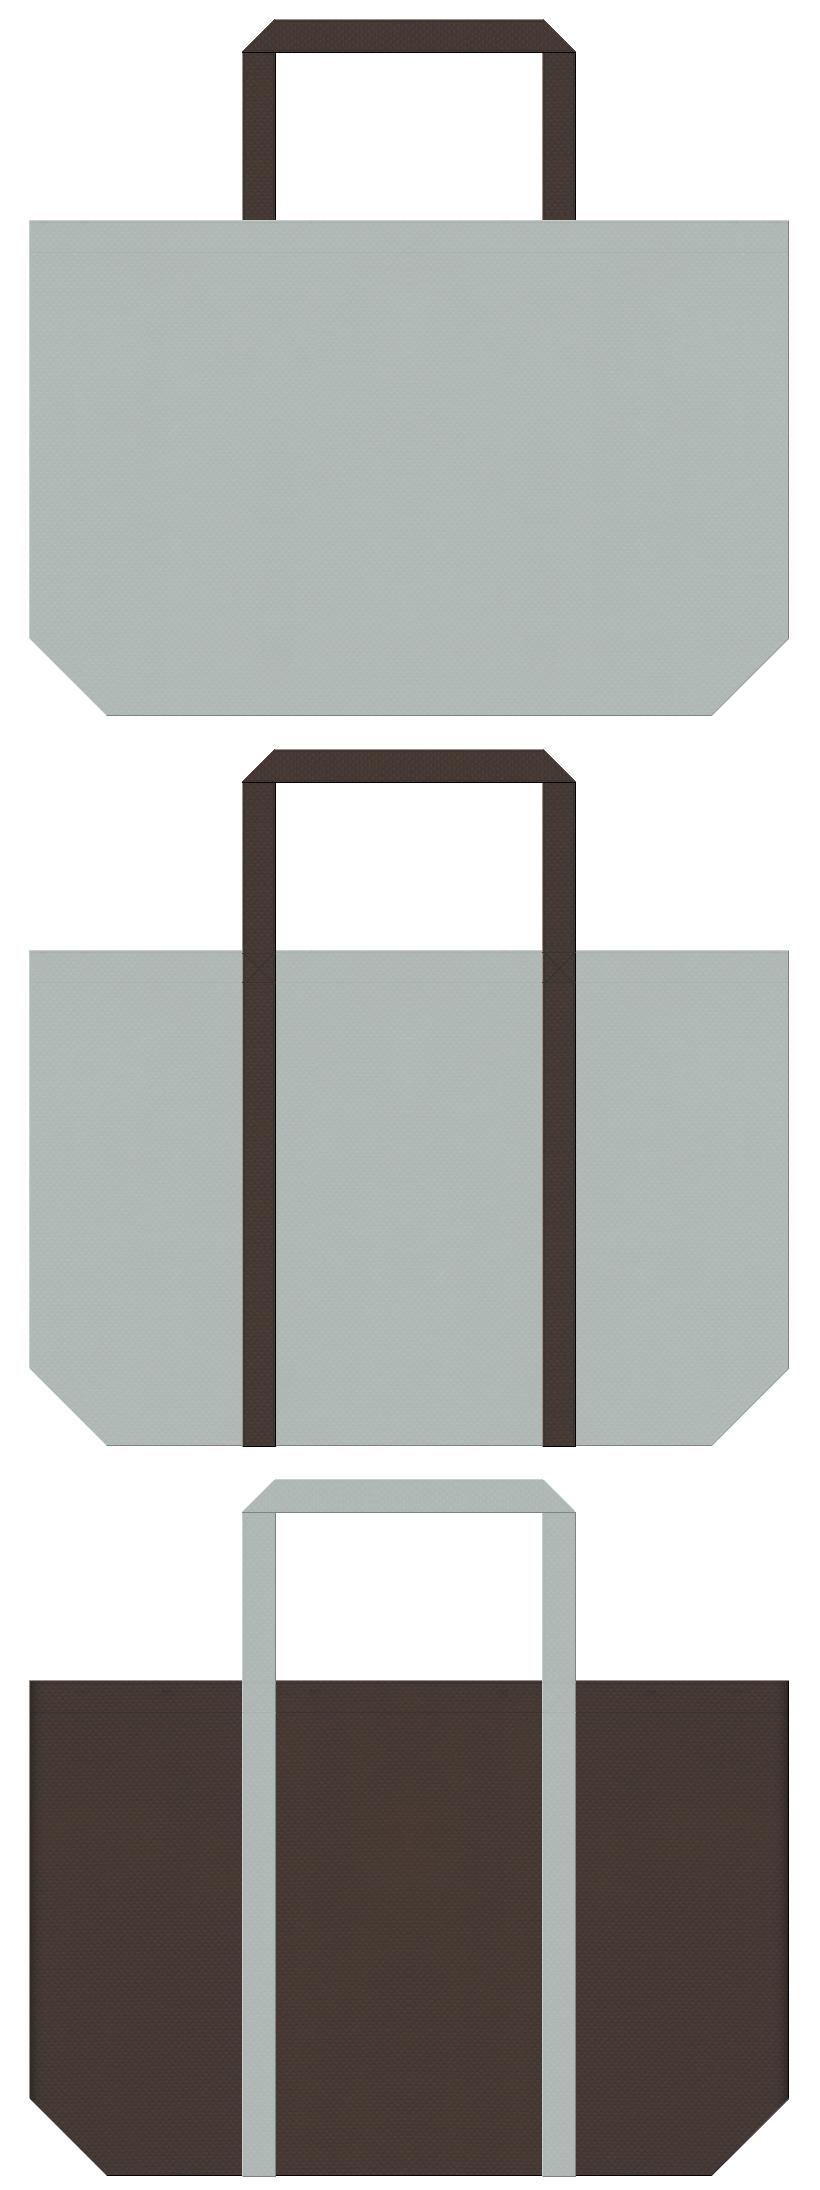 オフィスビル、マンション、設計、建築イベントのバッグノベルティにお奨めのコーデ。グレー色とこげ茶色の不織布エコバッグのデザイン。